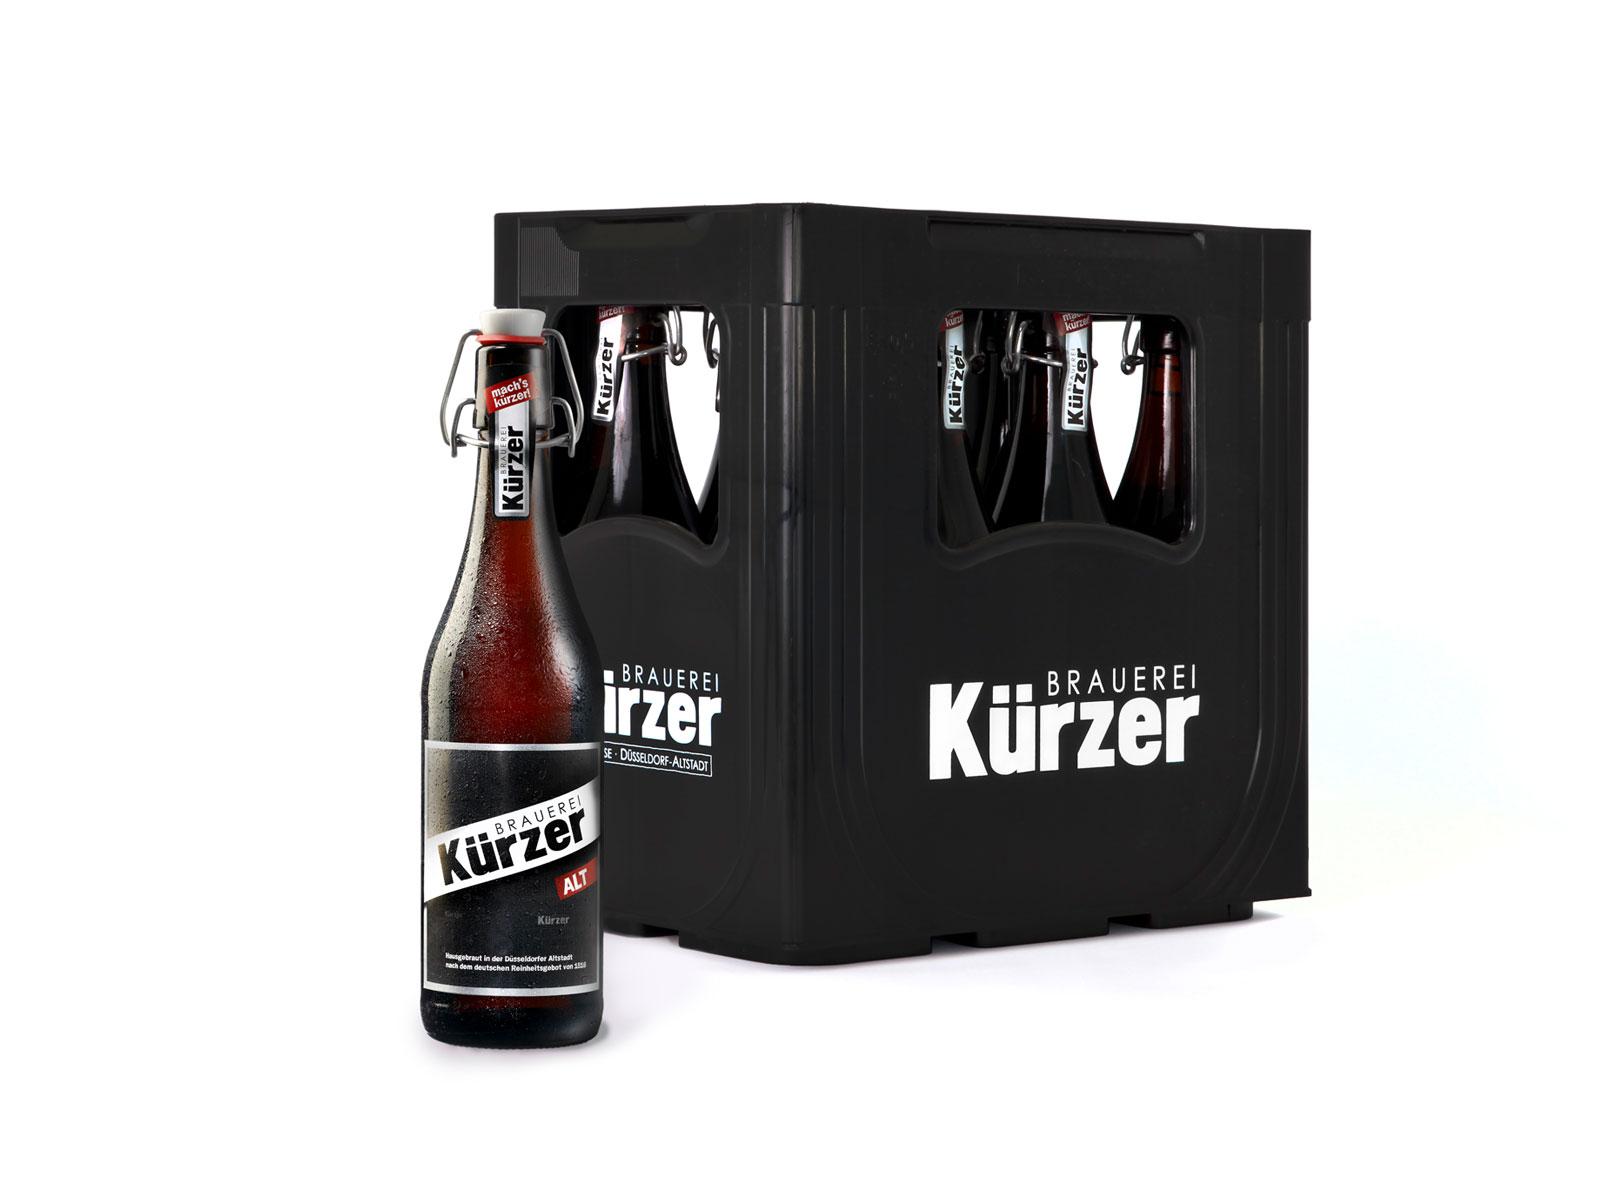 kuerzer_kiste